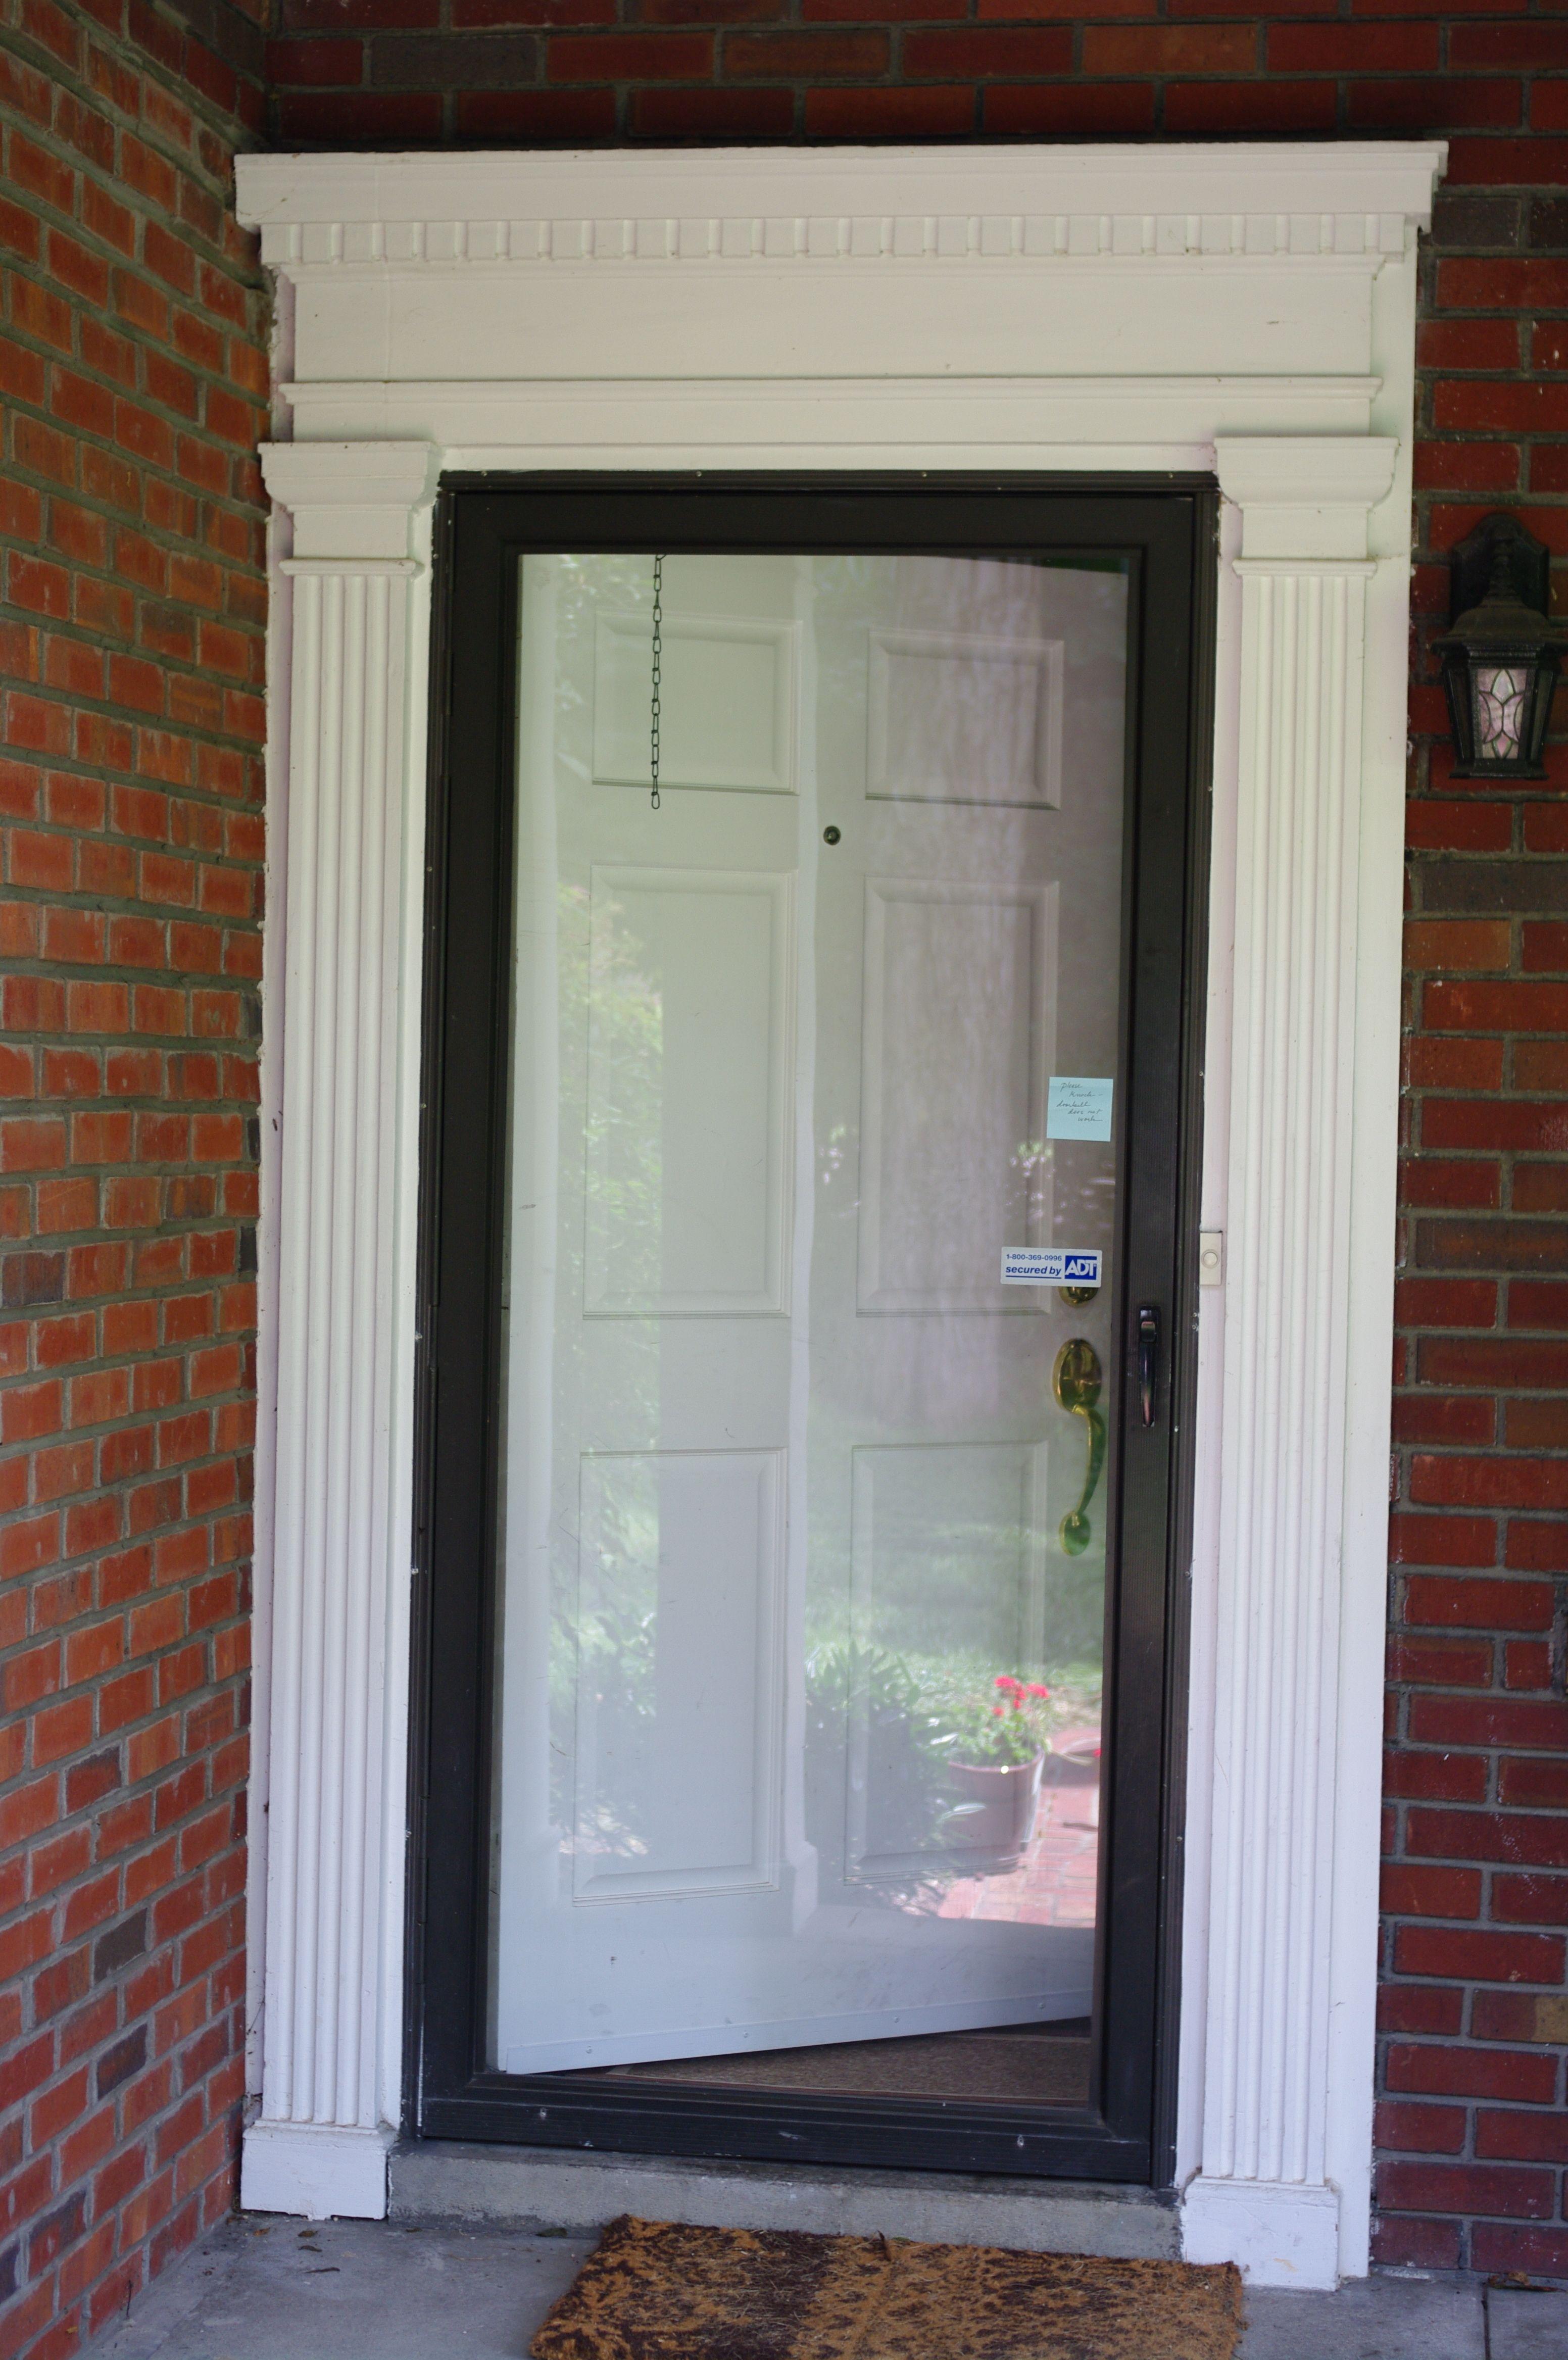 Front Storm Door Lock Lock Guard Armor Security Door Lock